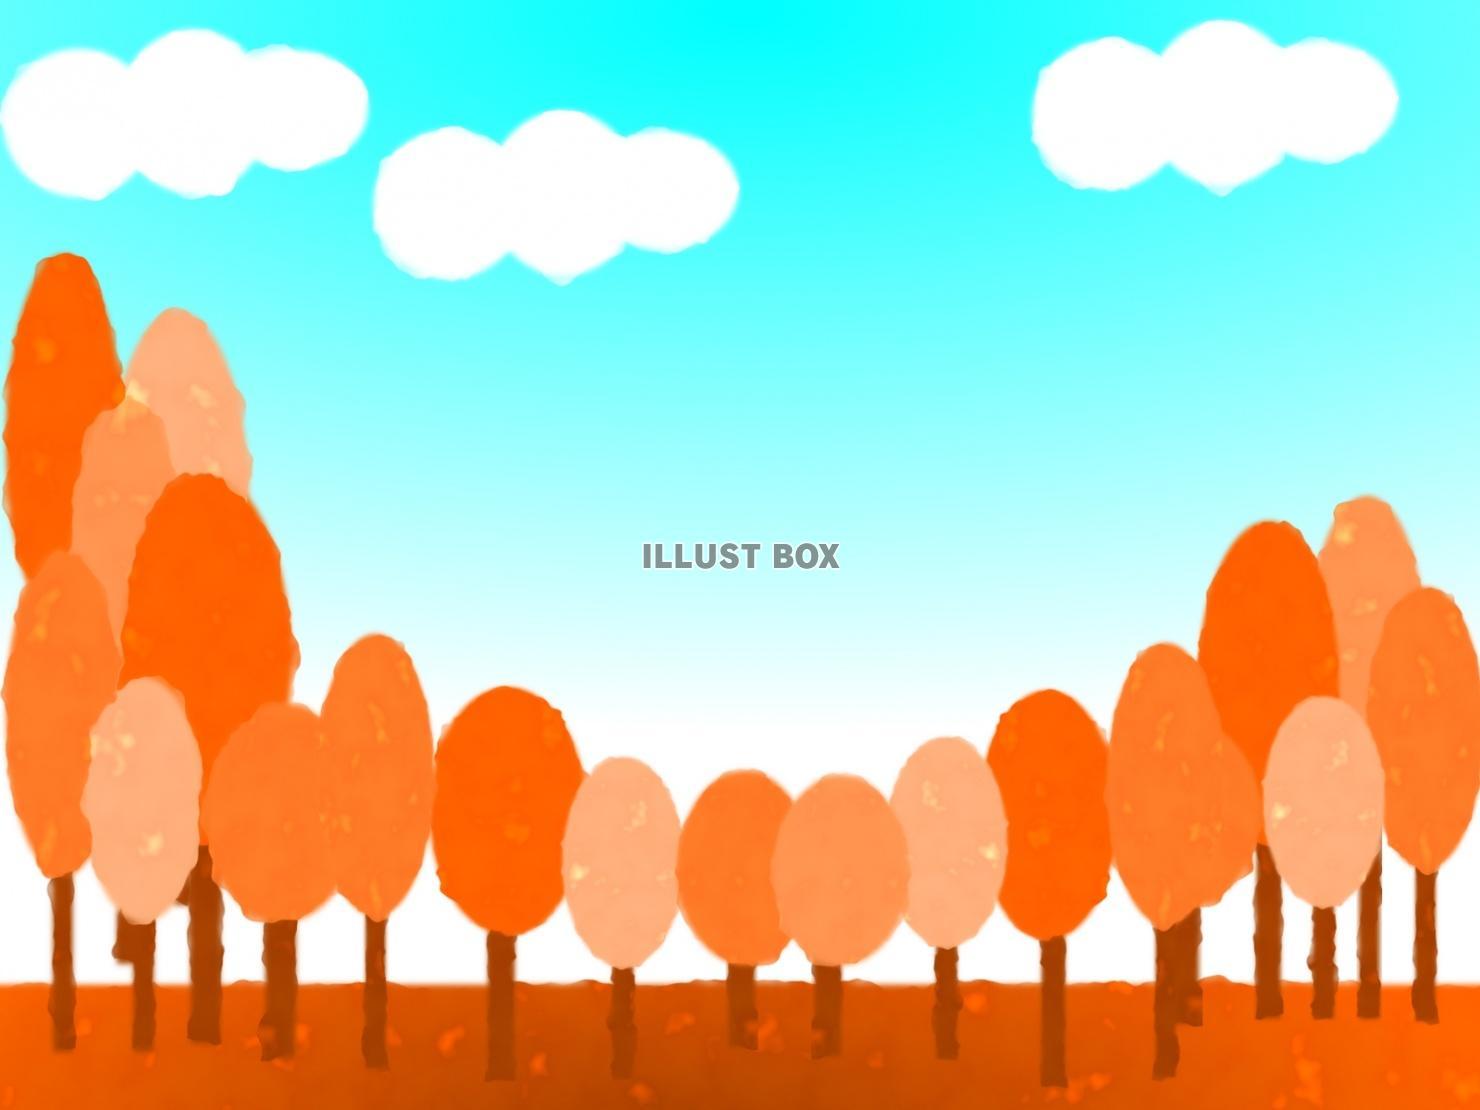 無料イラスト 秋の風景 背景素材